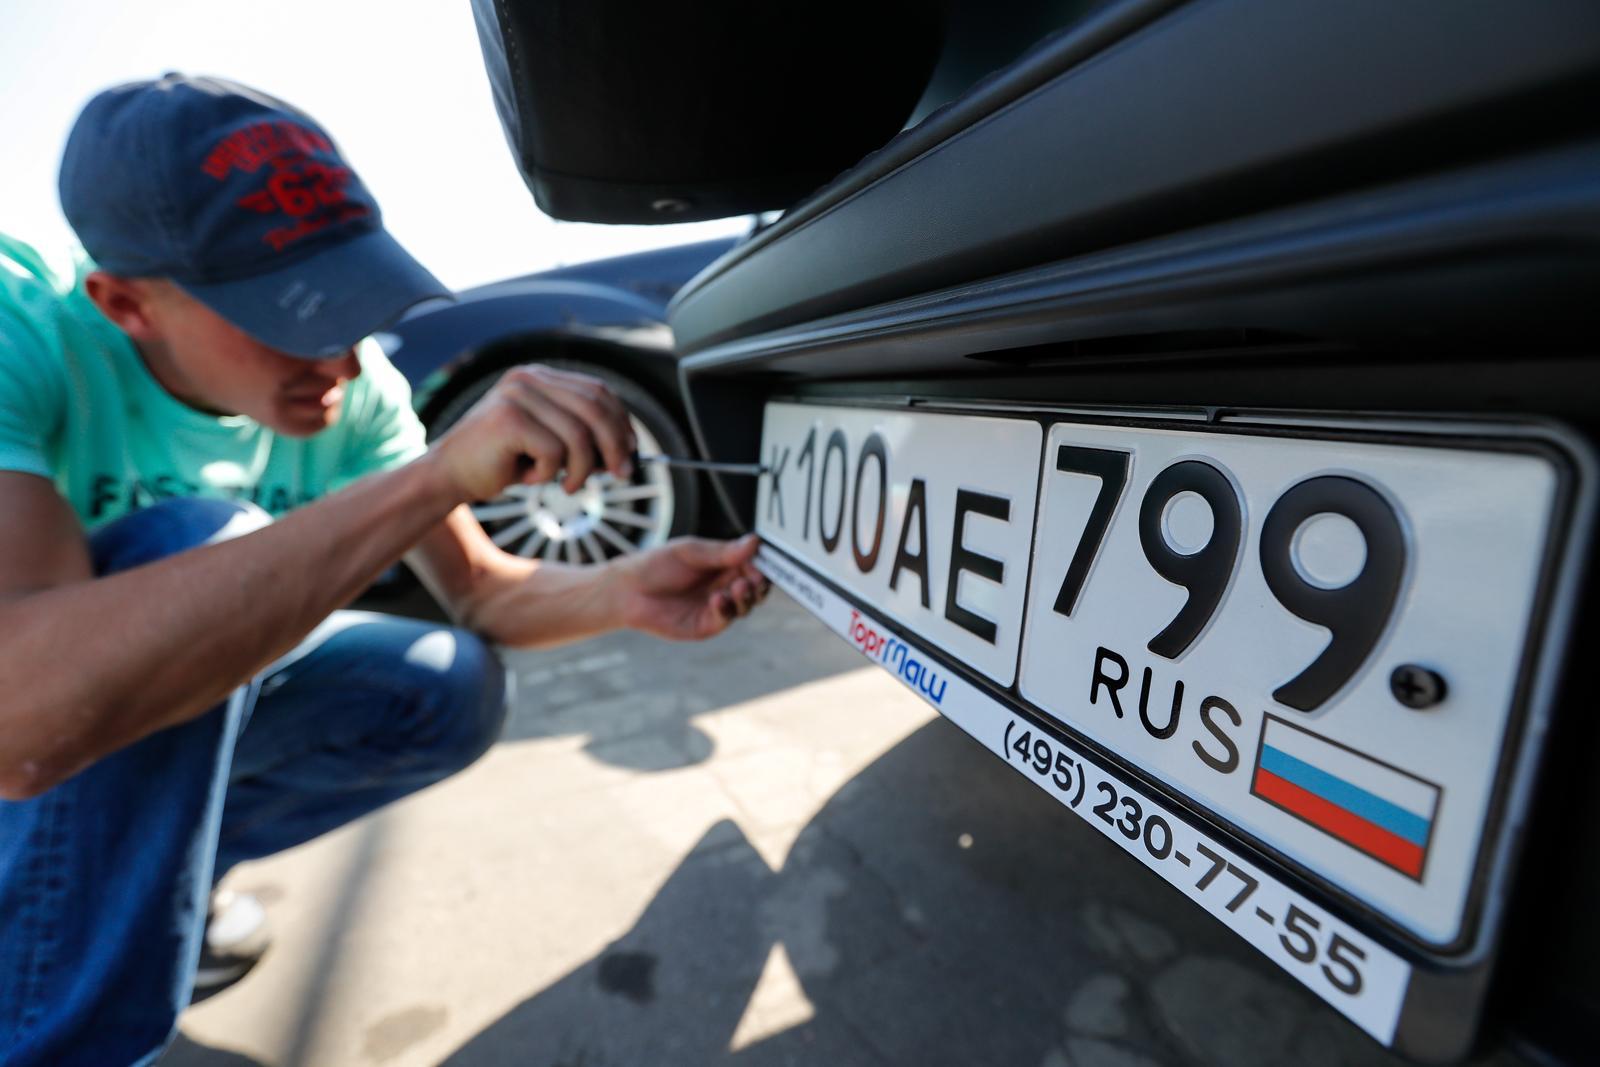 Российские автомобильные номера изменят форму и размер